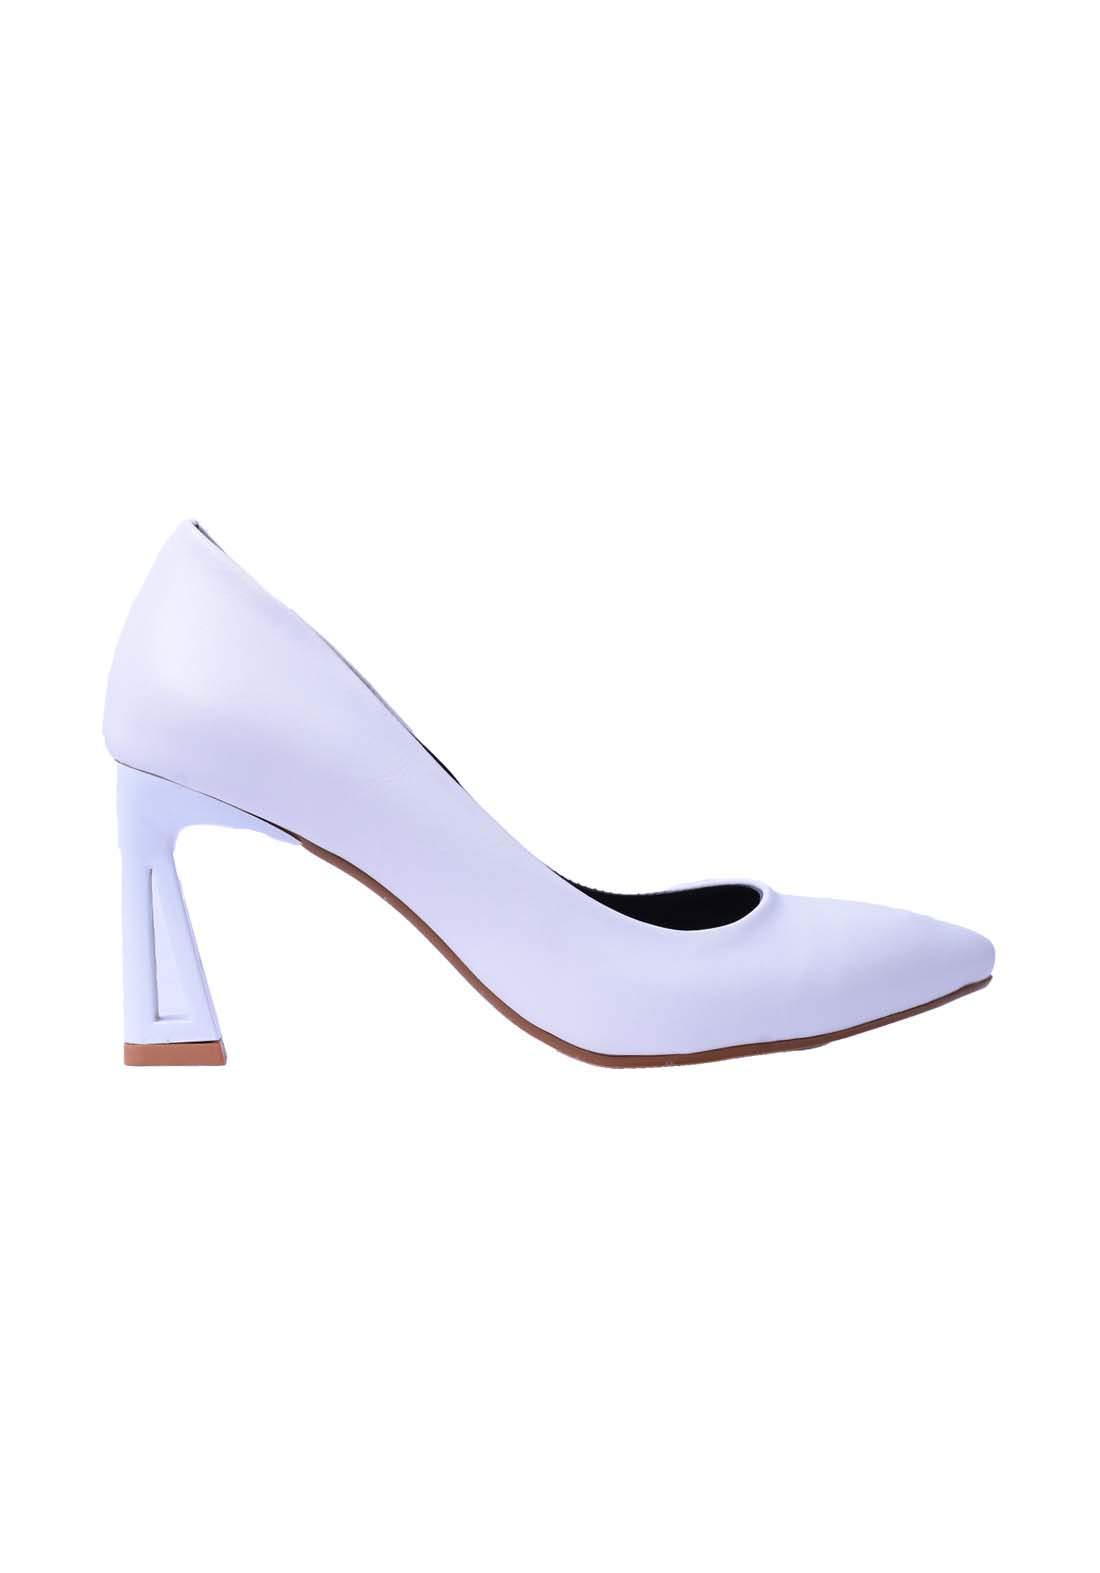 حذاء نسائي جلد ابيض اللون